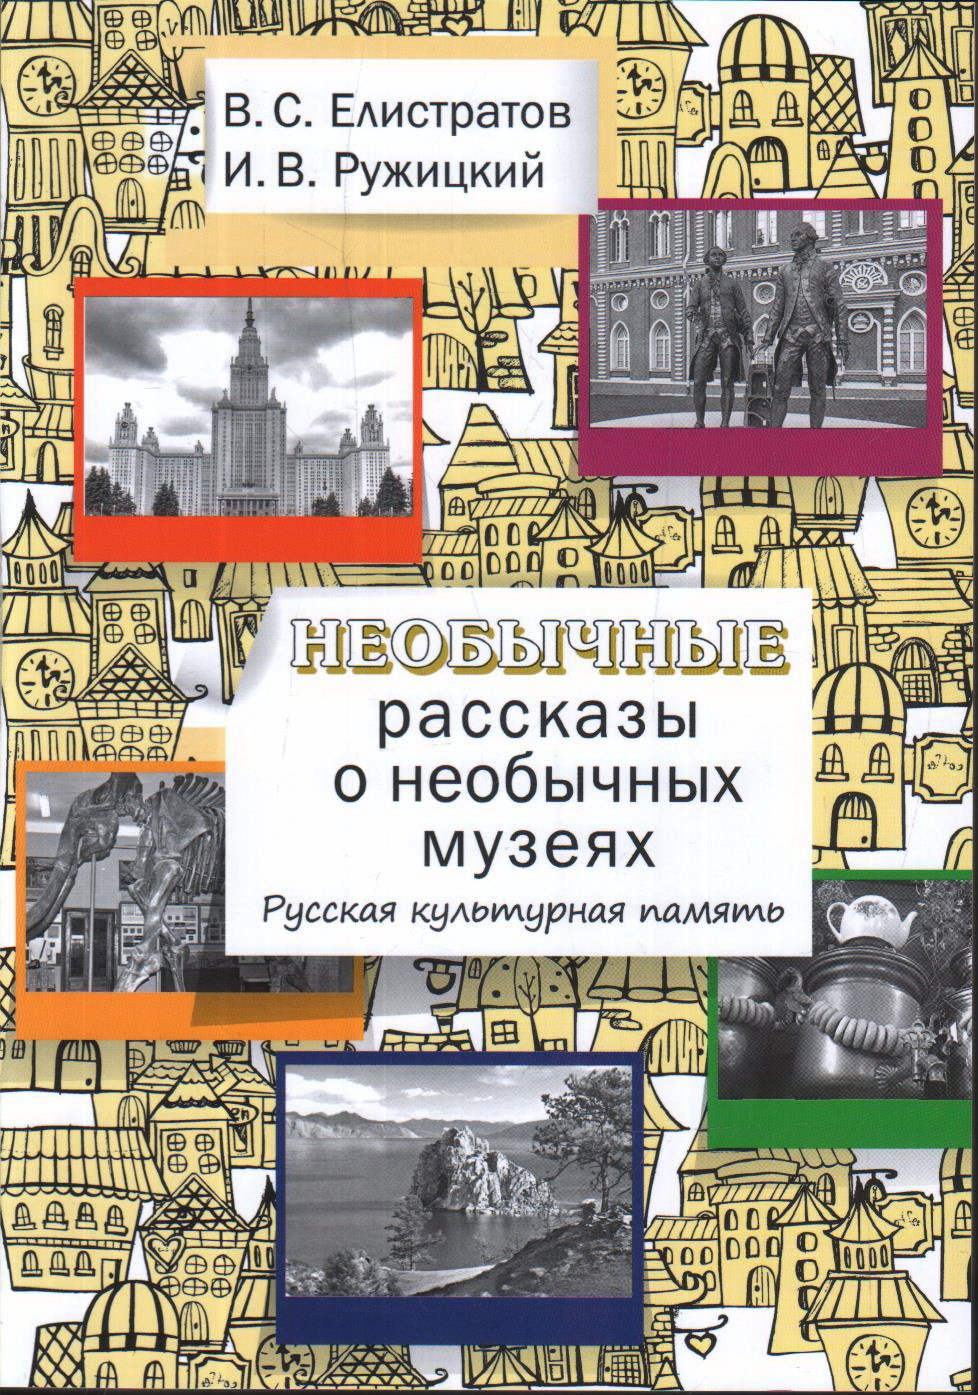 Neobychnye rasskazy o neobychnykh muzejakh. Russkaja kulturnaja pamjat: Uchebnoe posobie dlja inostrannykh uchaschikhsja